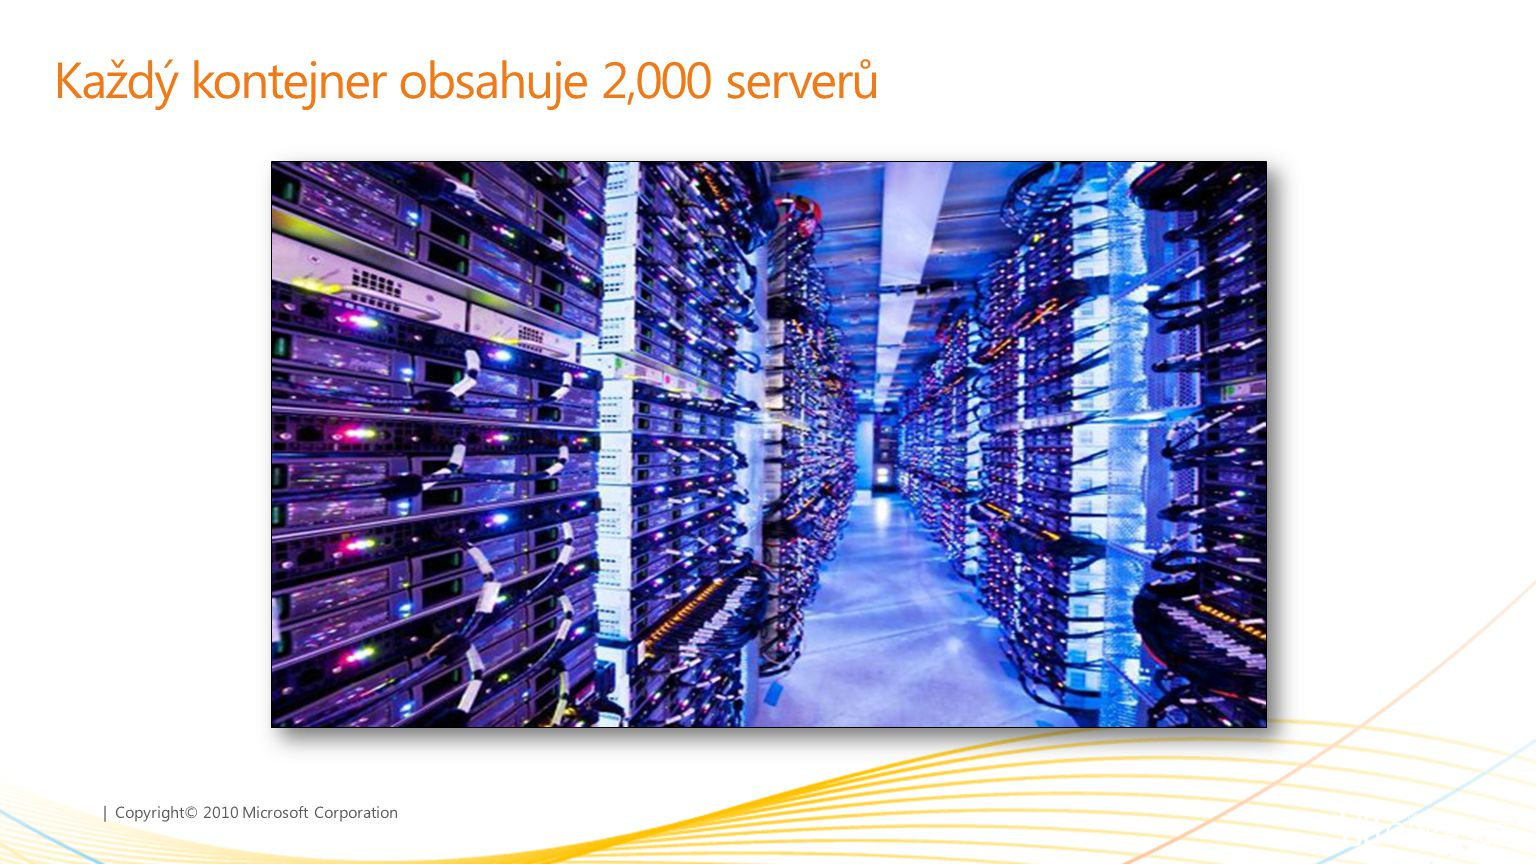 | Copyright© 2010 Microsoft Corporation Každý kontejner obsahuje 2,000 serverů